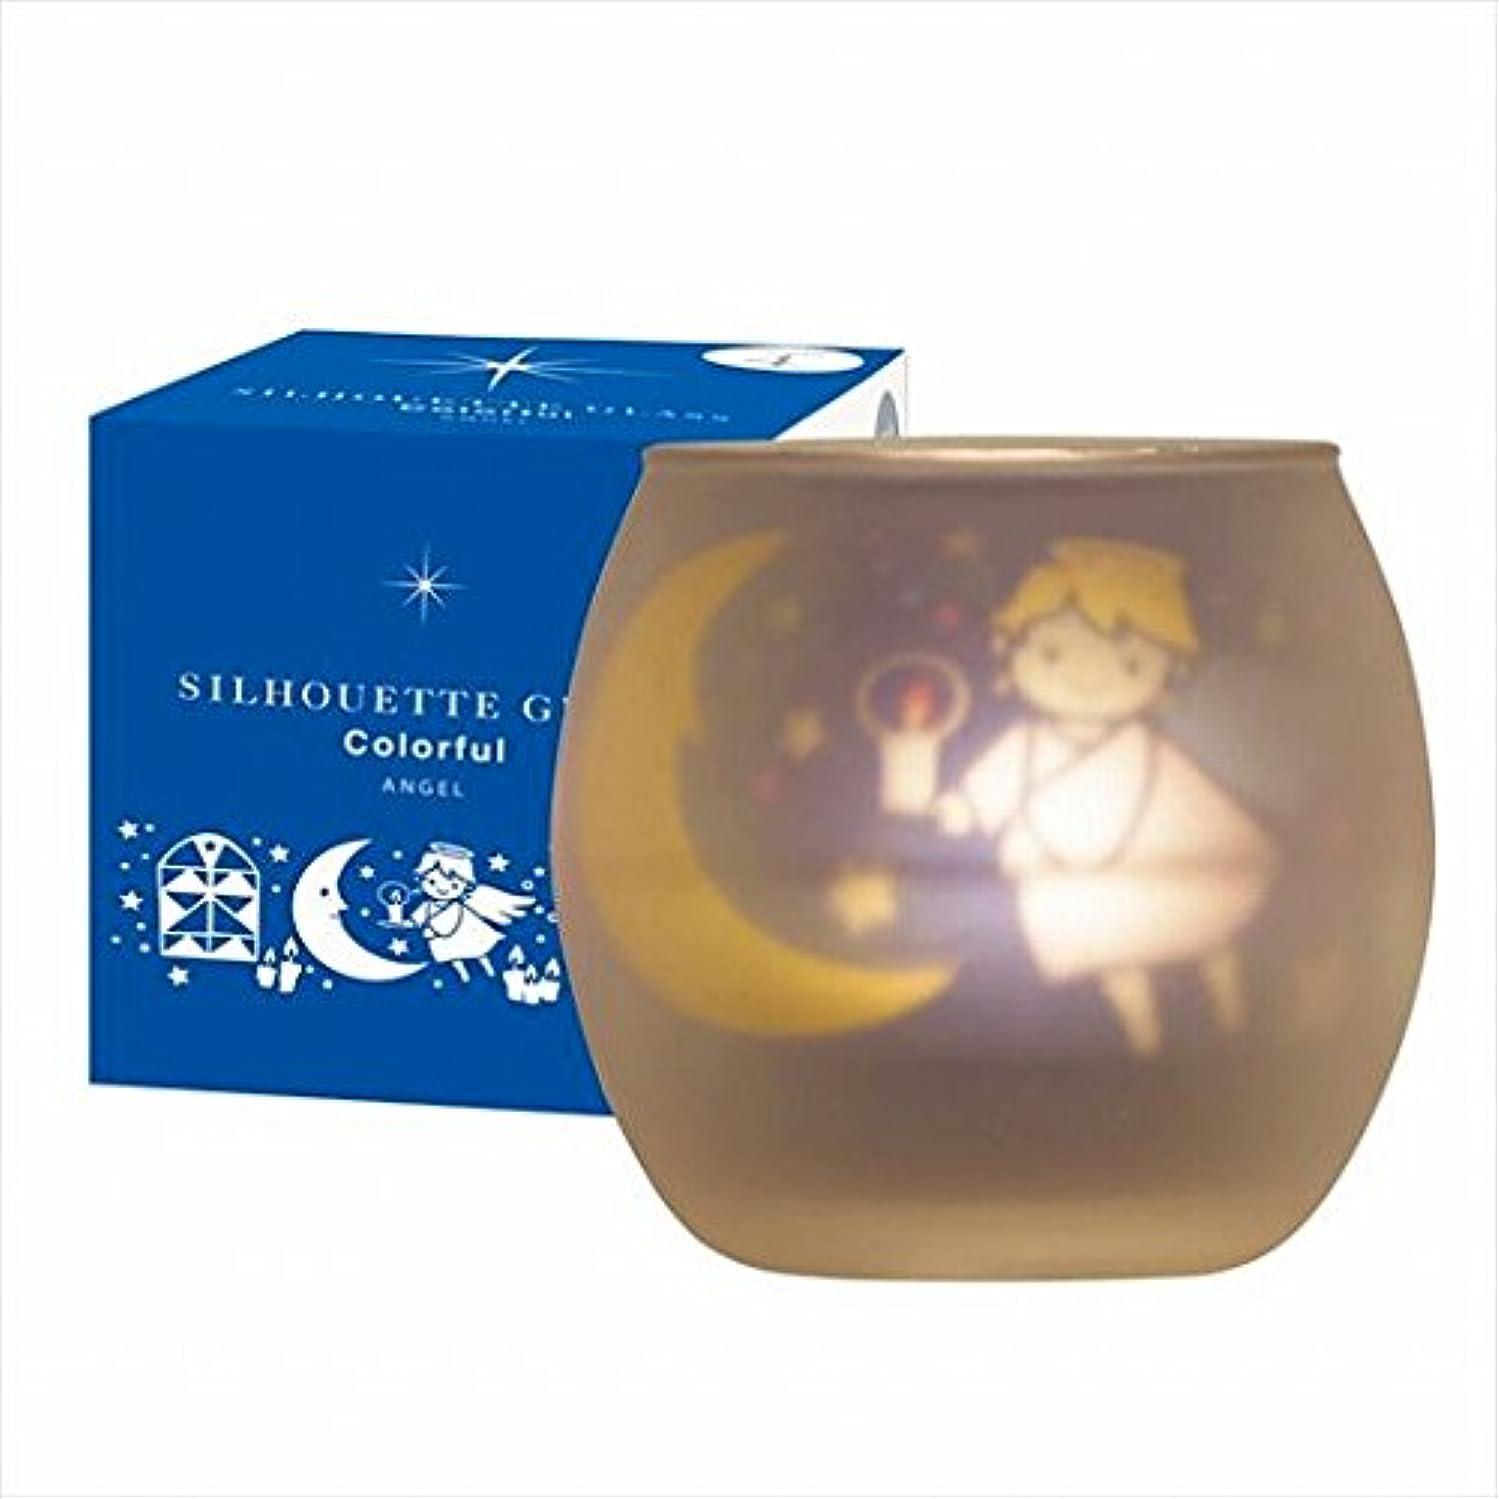 発症モンクホームレスカメヤマキャンドル(kameyama candle) シルエットグラスカラフルエンジェル【キャンドル4個付き】